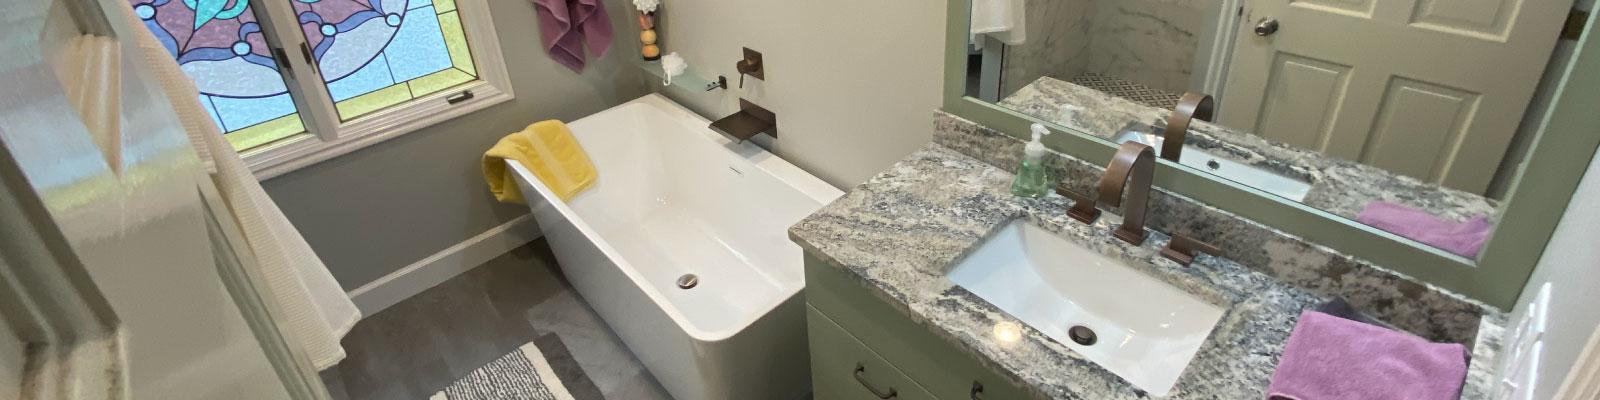 Cincinnati OH Bathroom Remodeling Photo Gallery Day Kitchen Bath - Bathroom remodel cincinnati